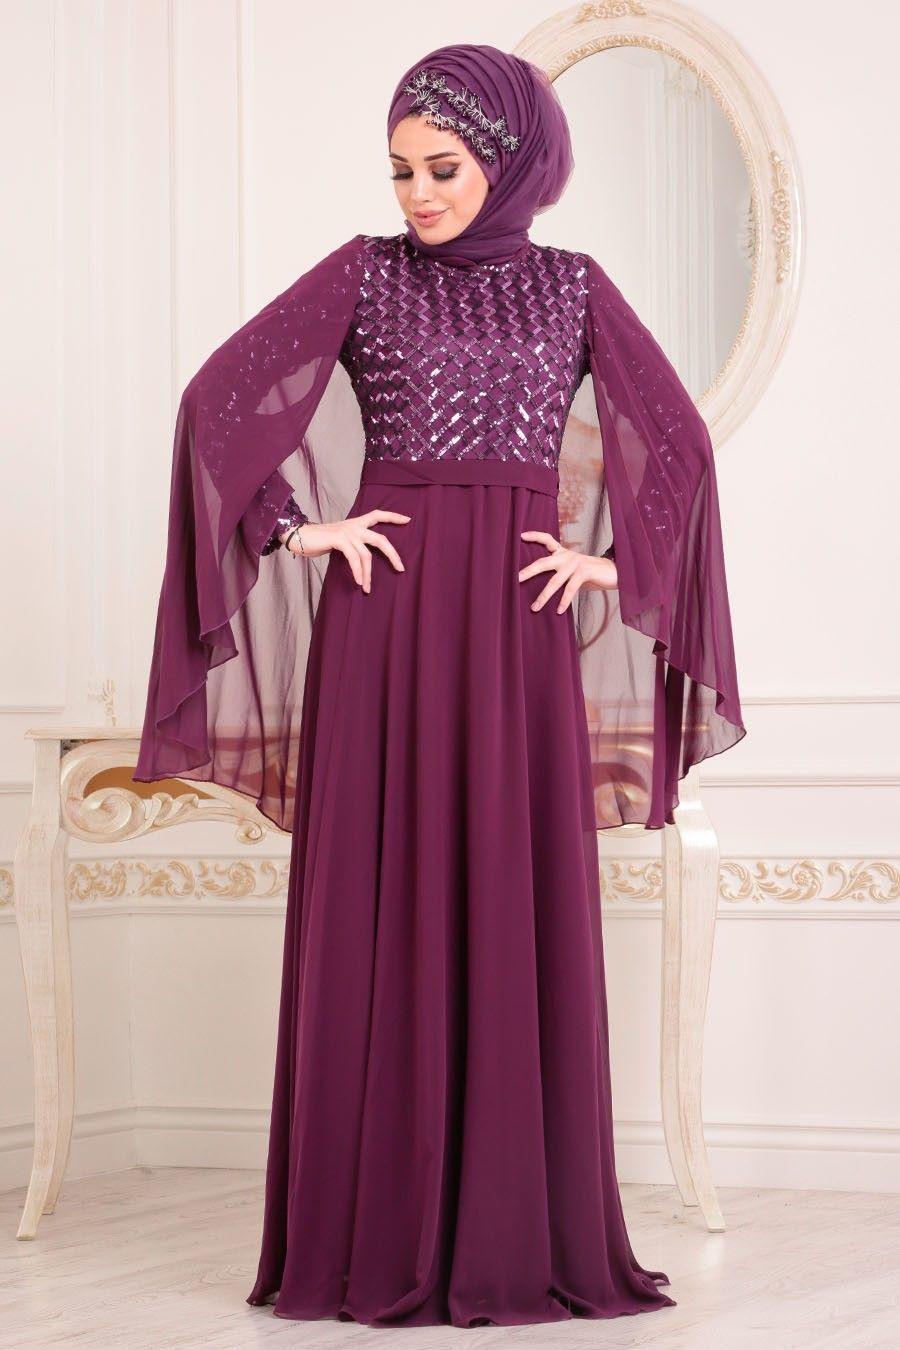 b4780c12e5ffa Tesettürlü Abiye Elbiseler - Pul Payetli Mürdüm Tesettür Abiye Elbise  3293MU ÜRÜN KODU : 3293MU